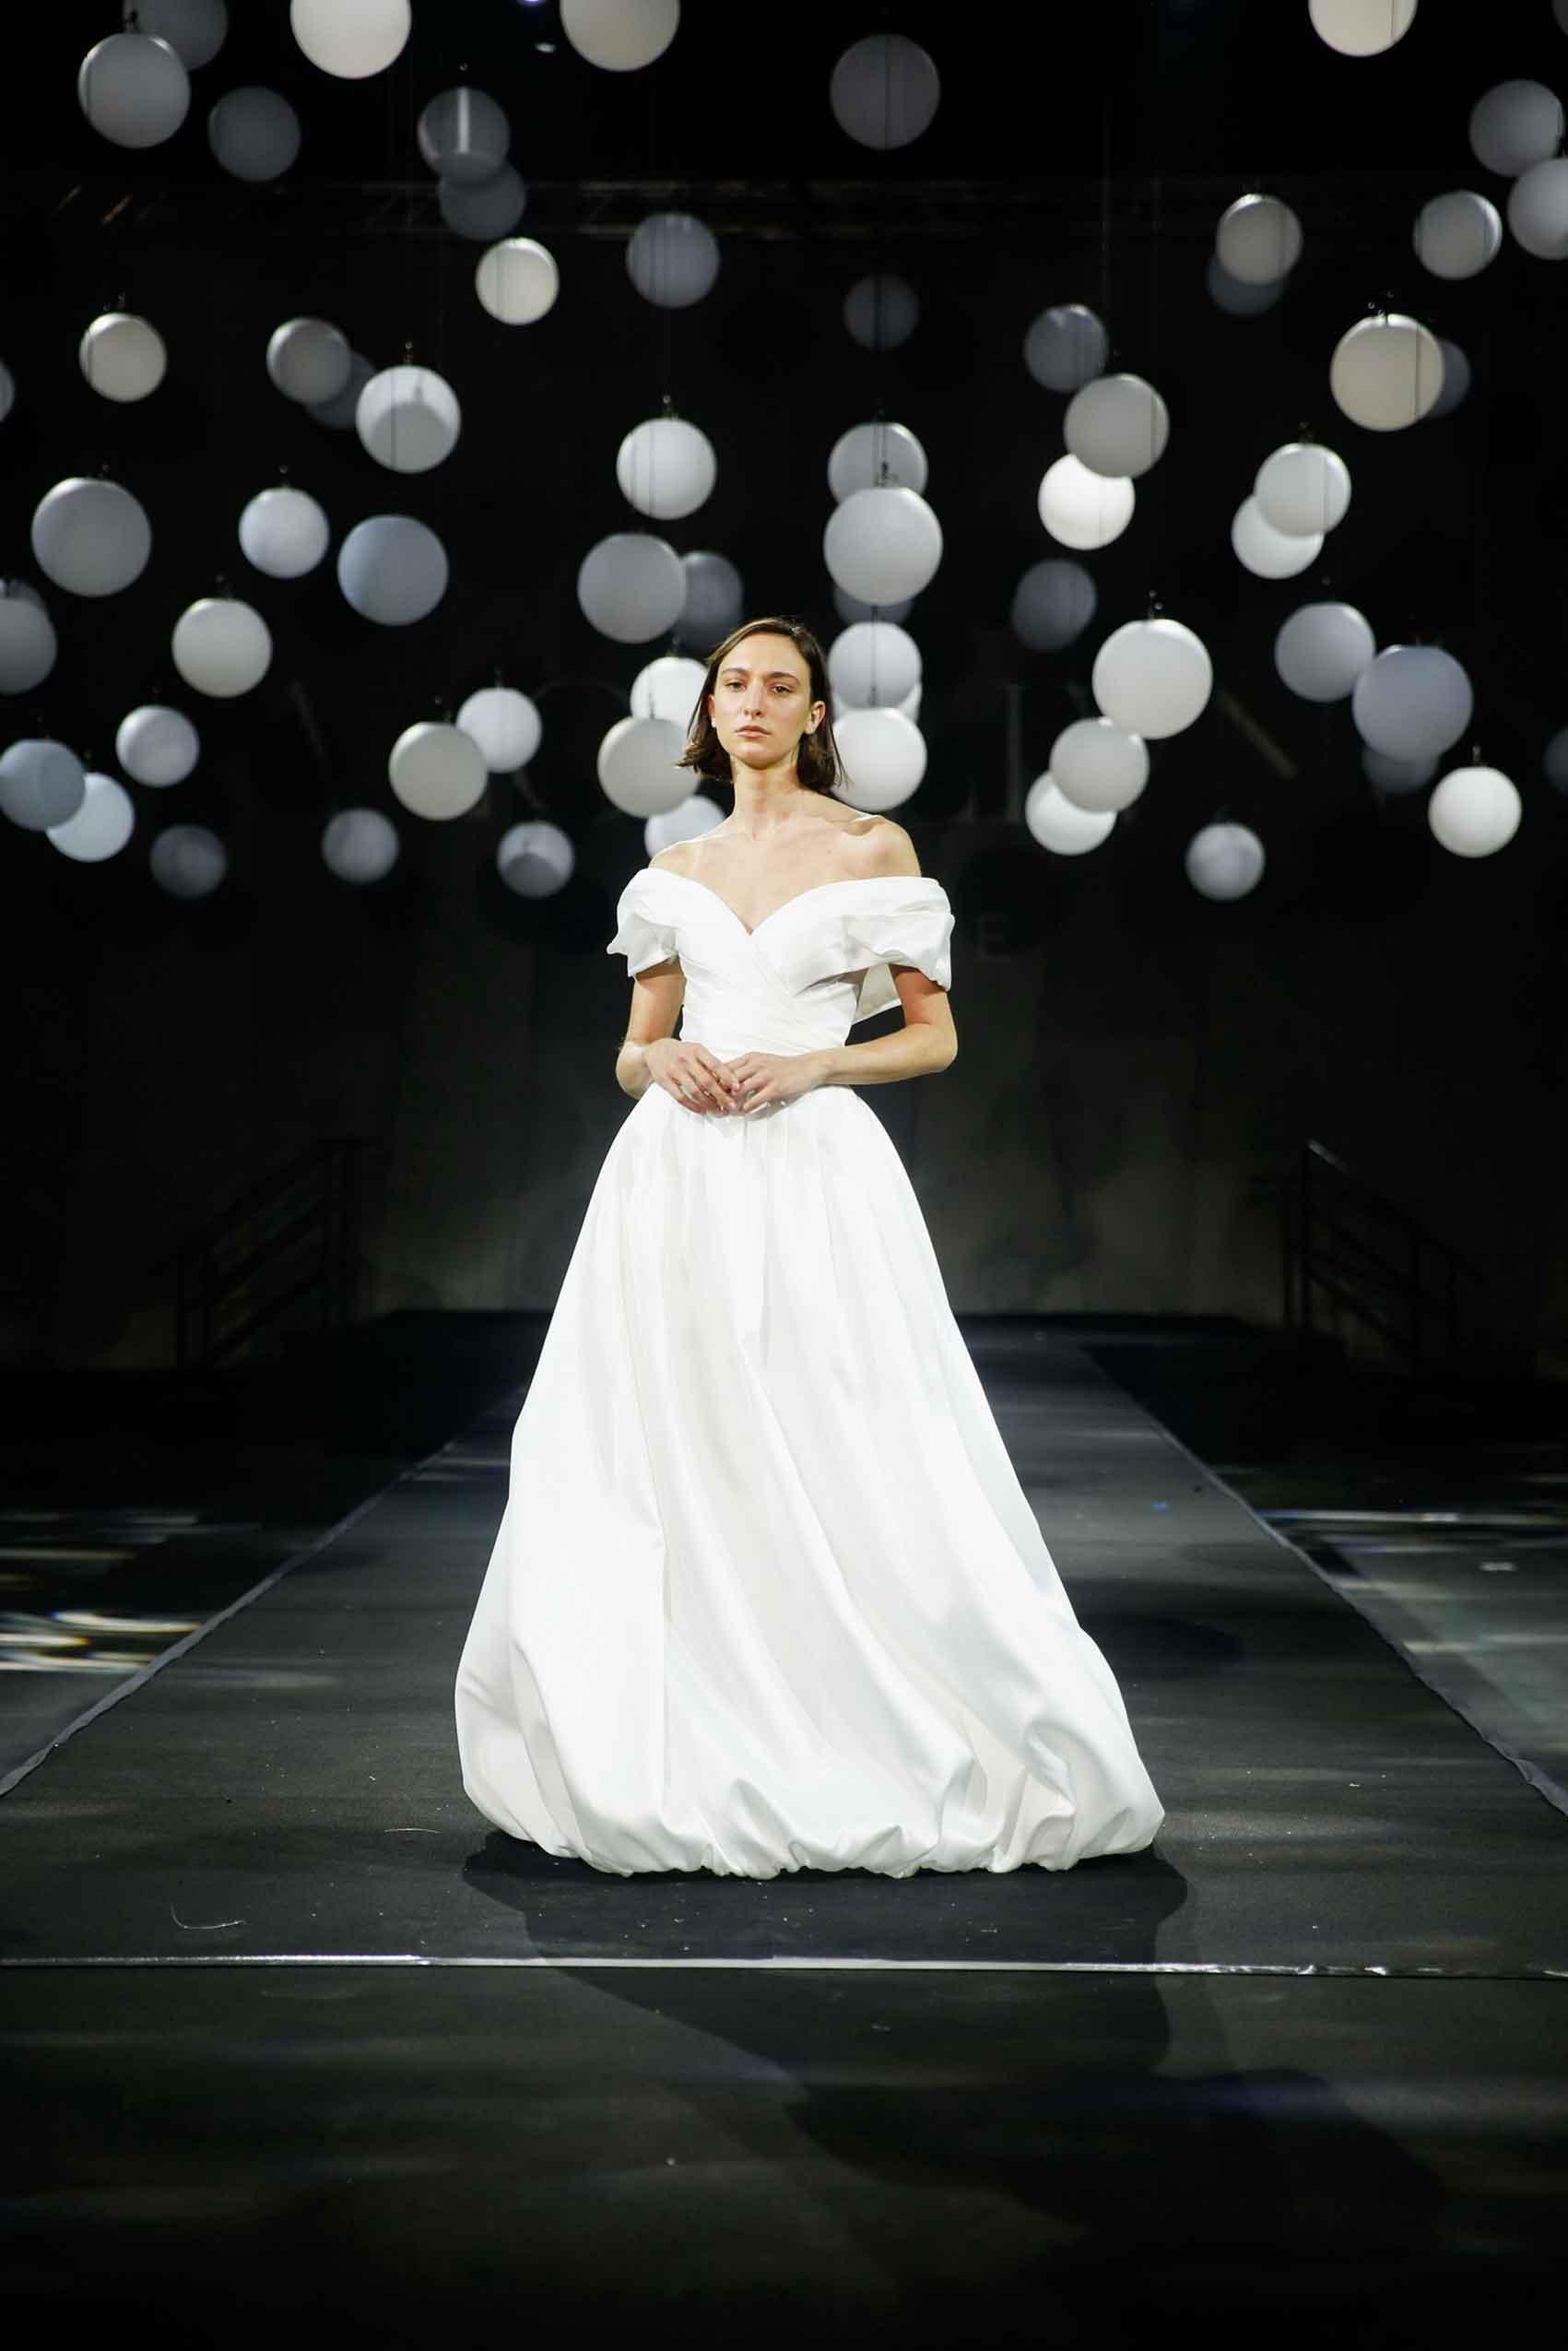 אלון ליבנה. קולקציית שמלות כלה 2020-אופנה נשים - 3  Trends, סטייל, כתבות אופנה, טרנדים, אופנת נשים, Style,, אופנה ישראלית